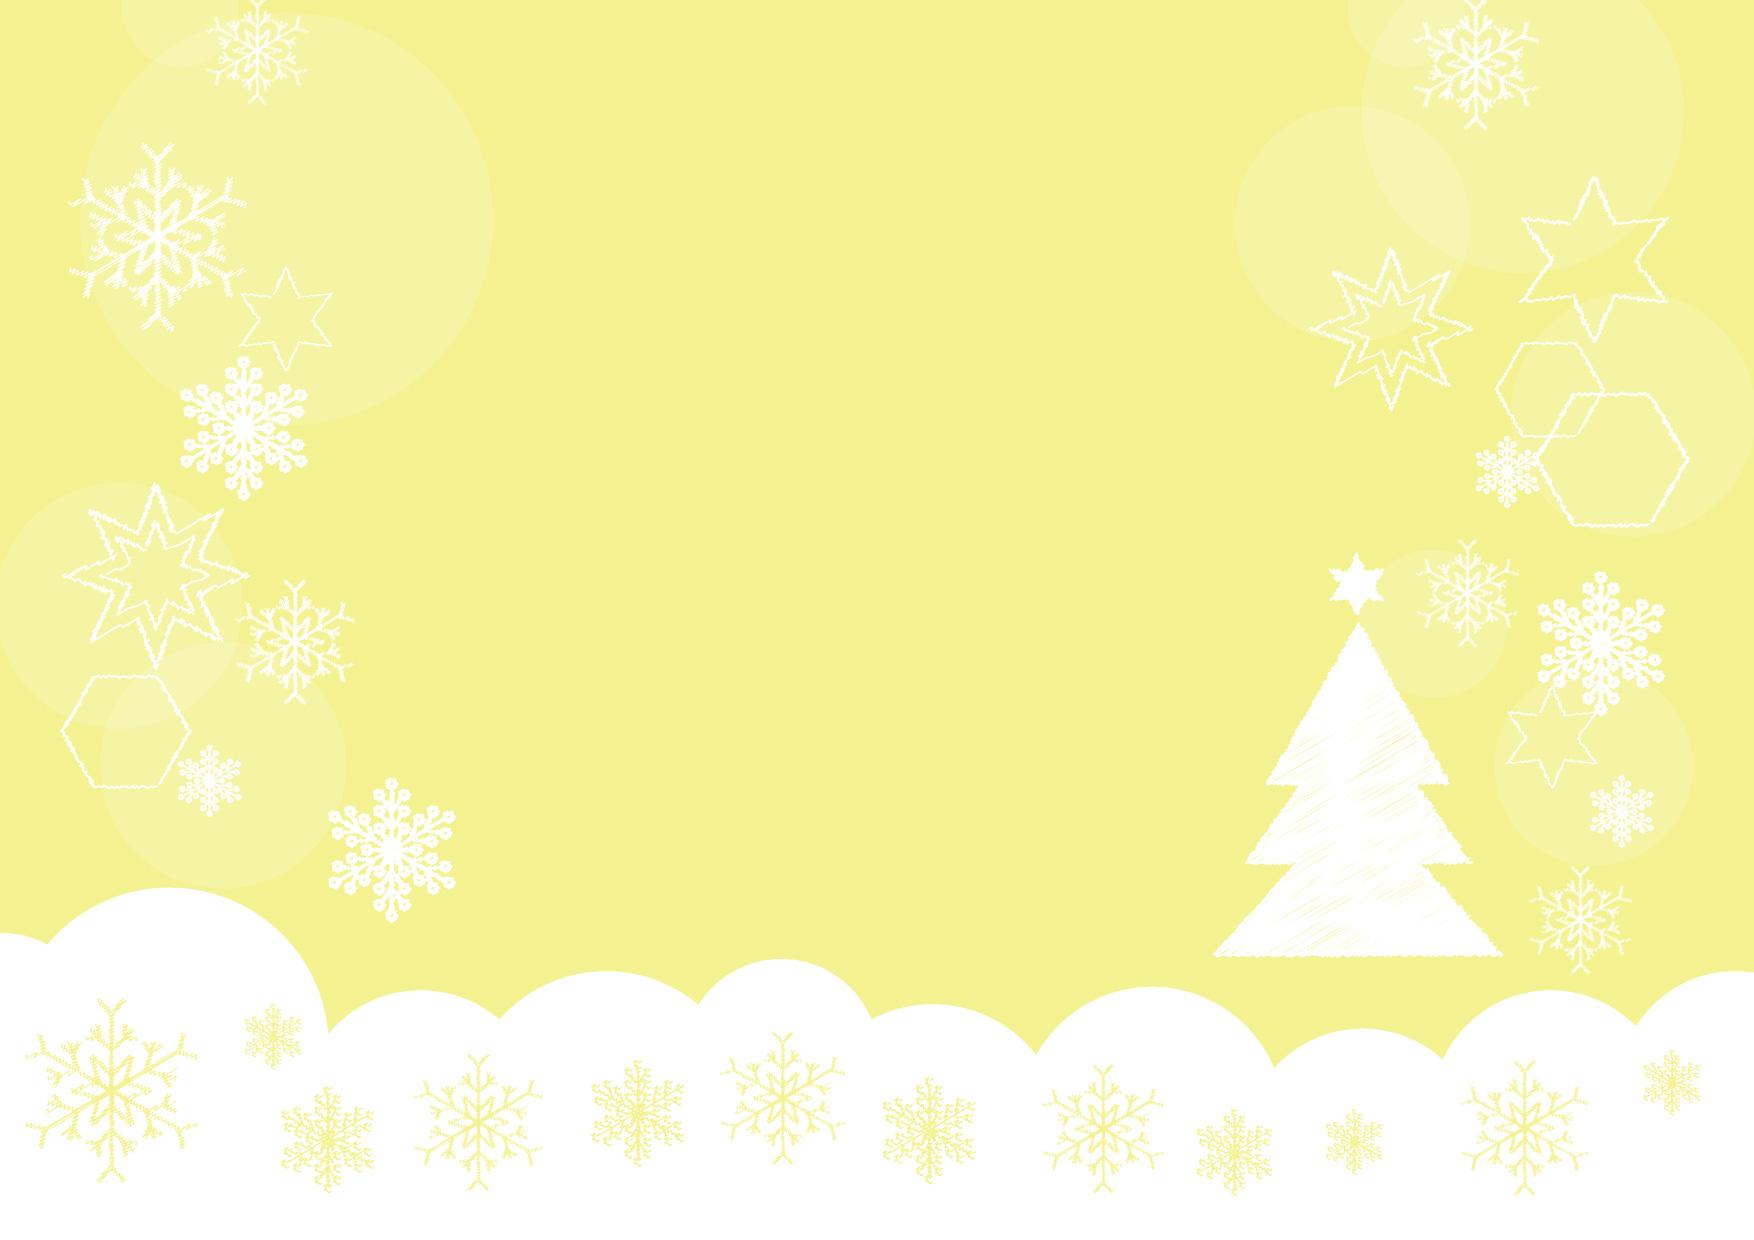 可愛いイラスト無料|雪の結晶 クリスマスツリー 黄色 背景 − free illustration Snowflakes Christmas tree yellow background